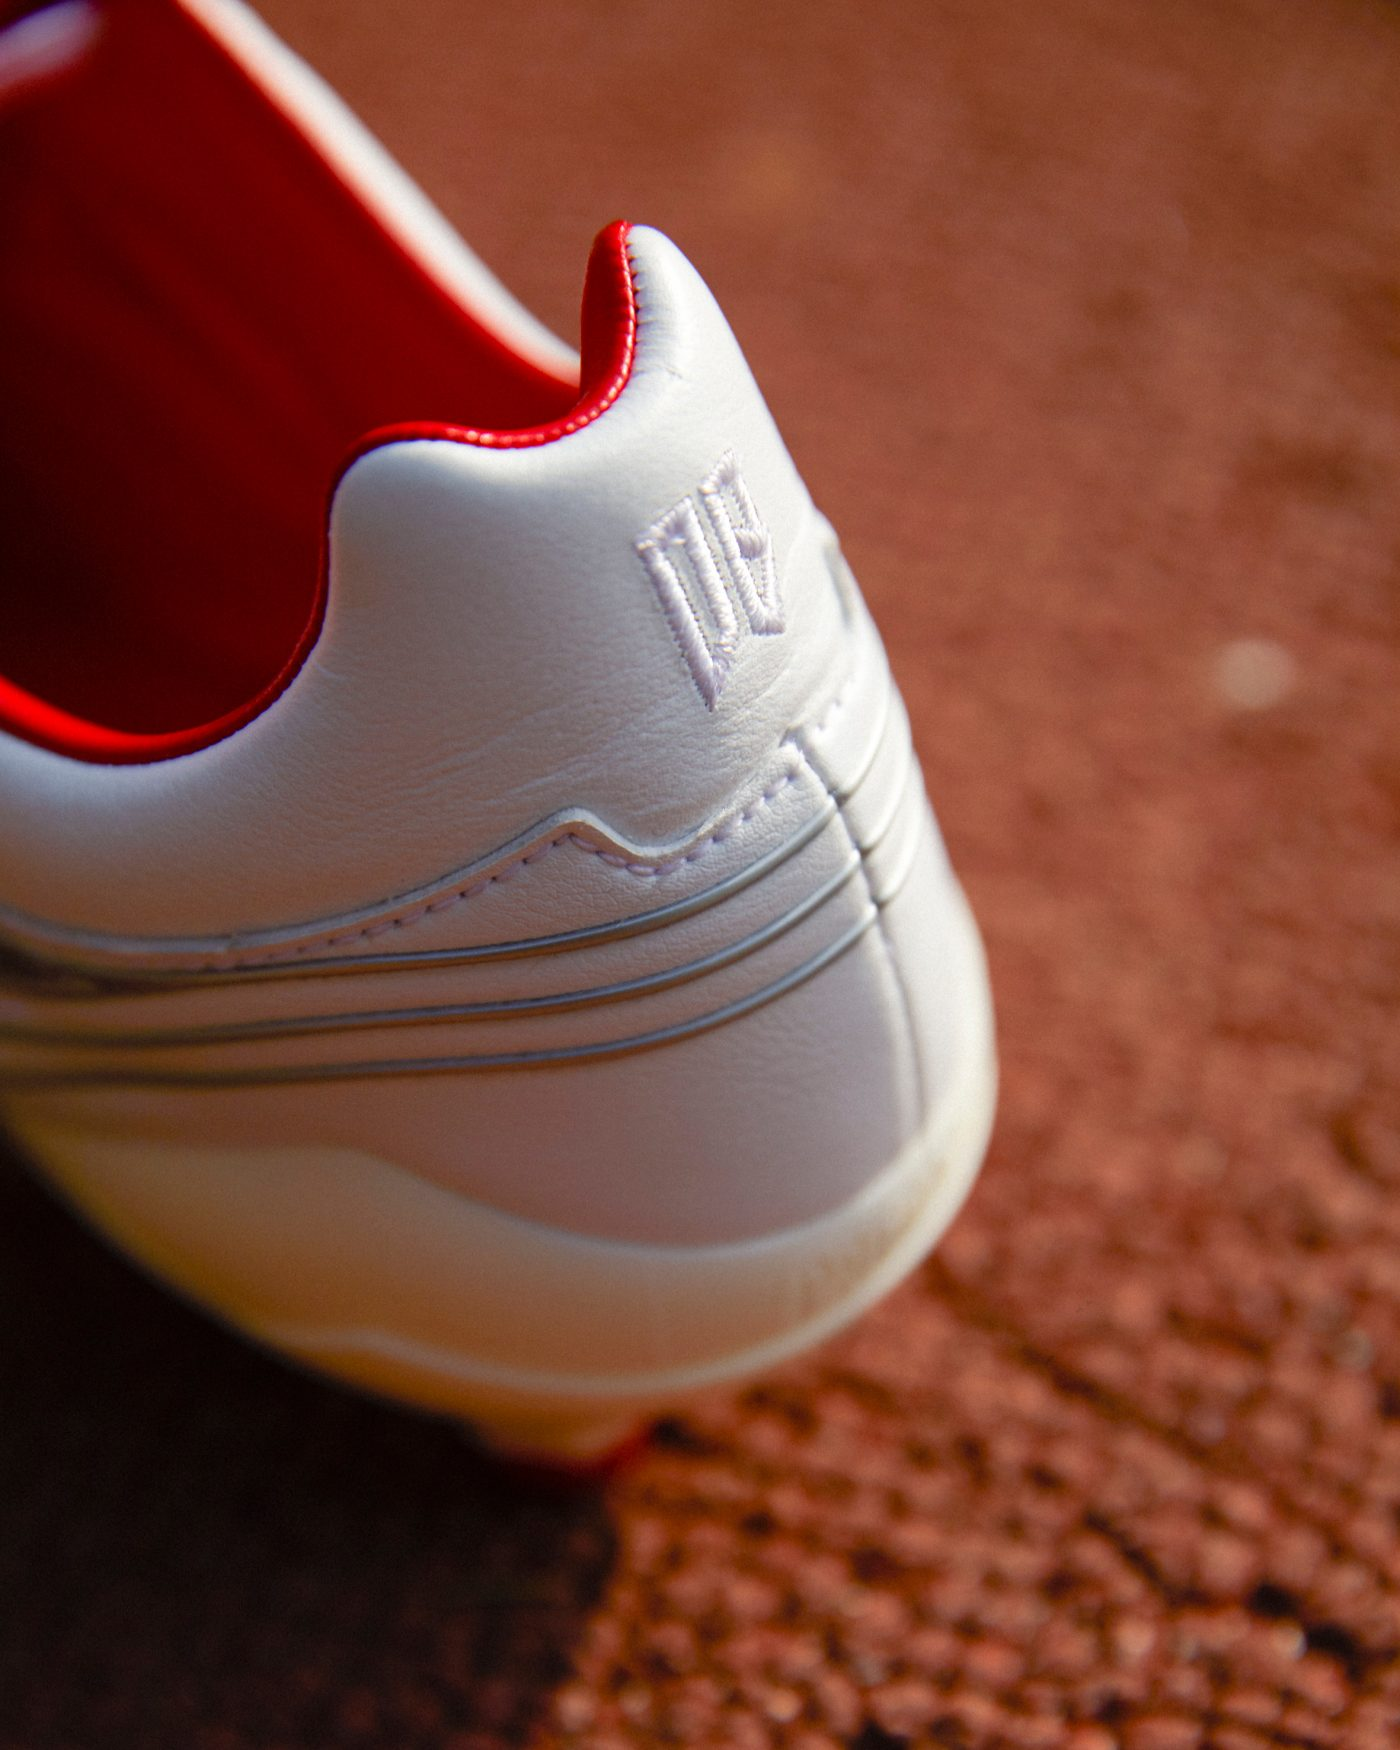 adidas-predator-precision-david-beckham-25-ans-predator-1